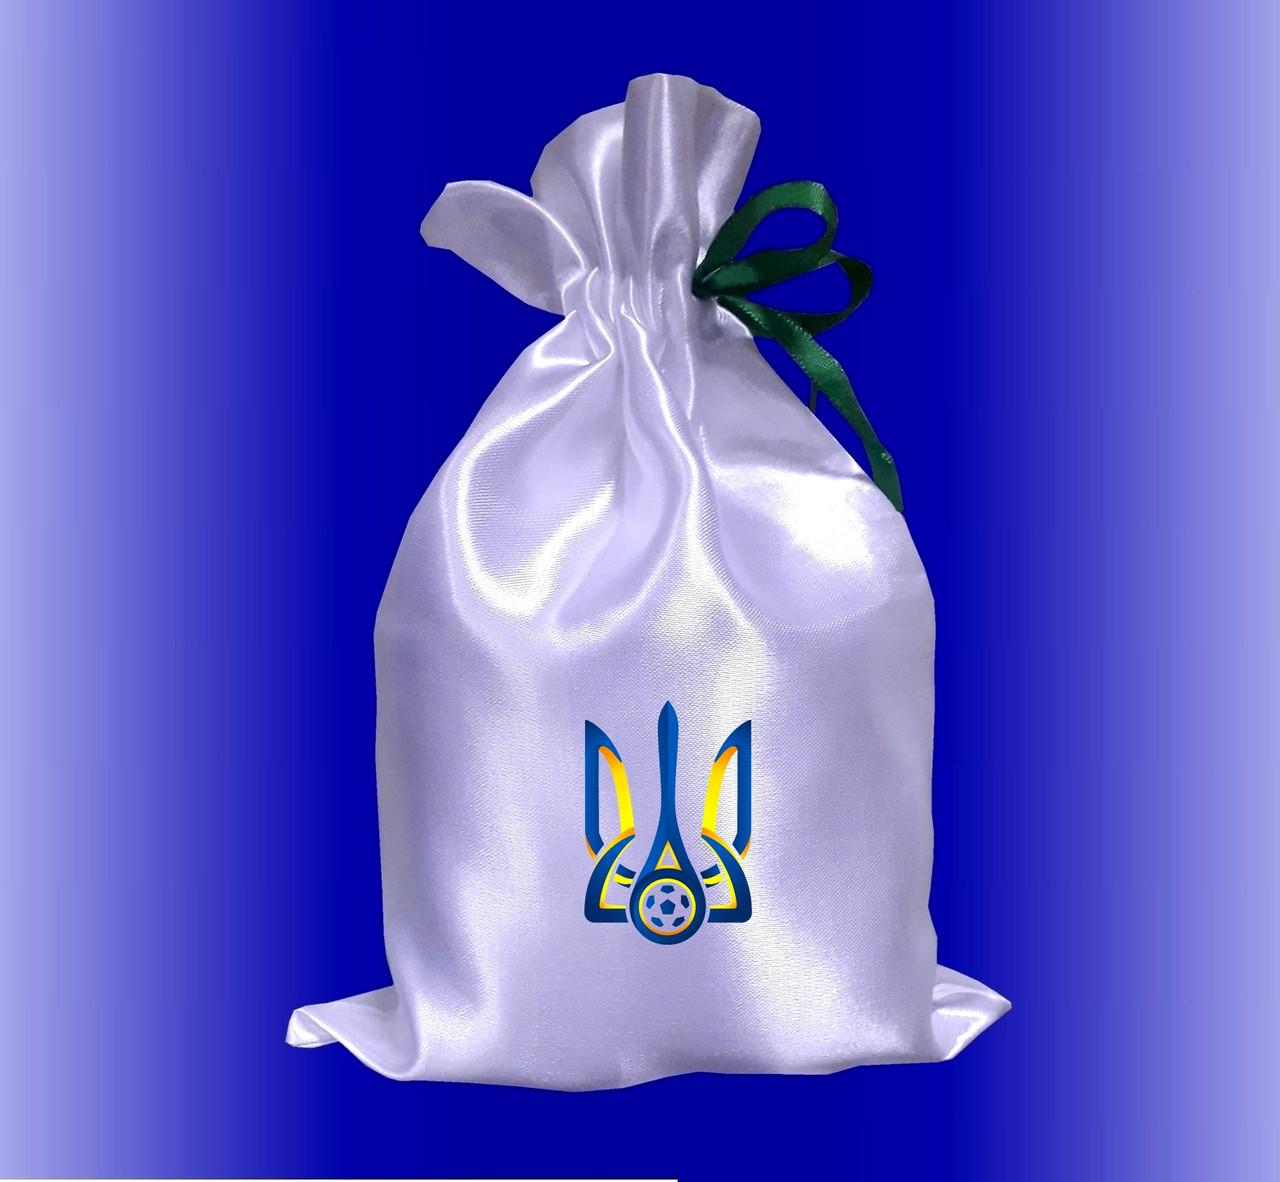 Мешочек для подарка белый с принтом сборная Украины 17х25 см / подарочный мешочек с логотипом